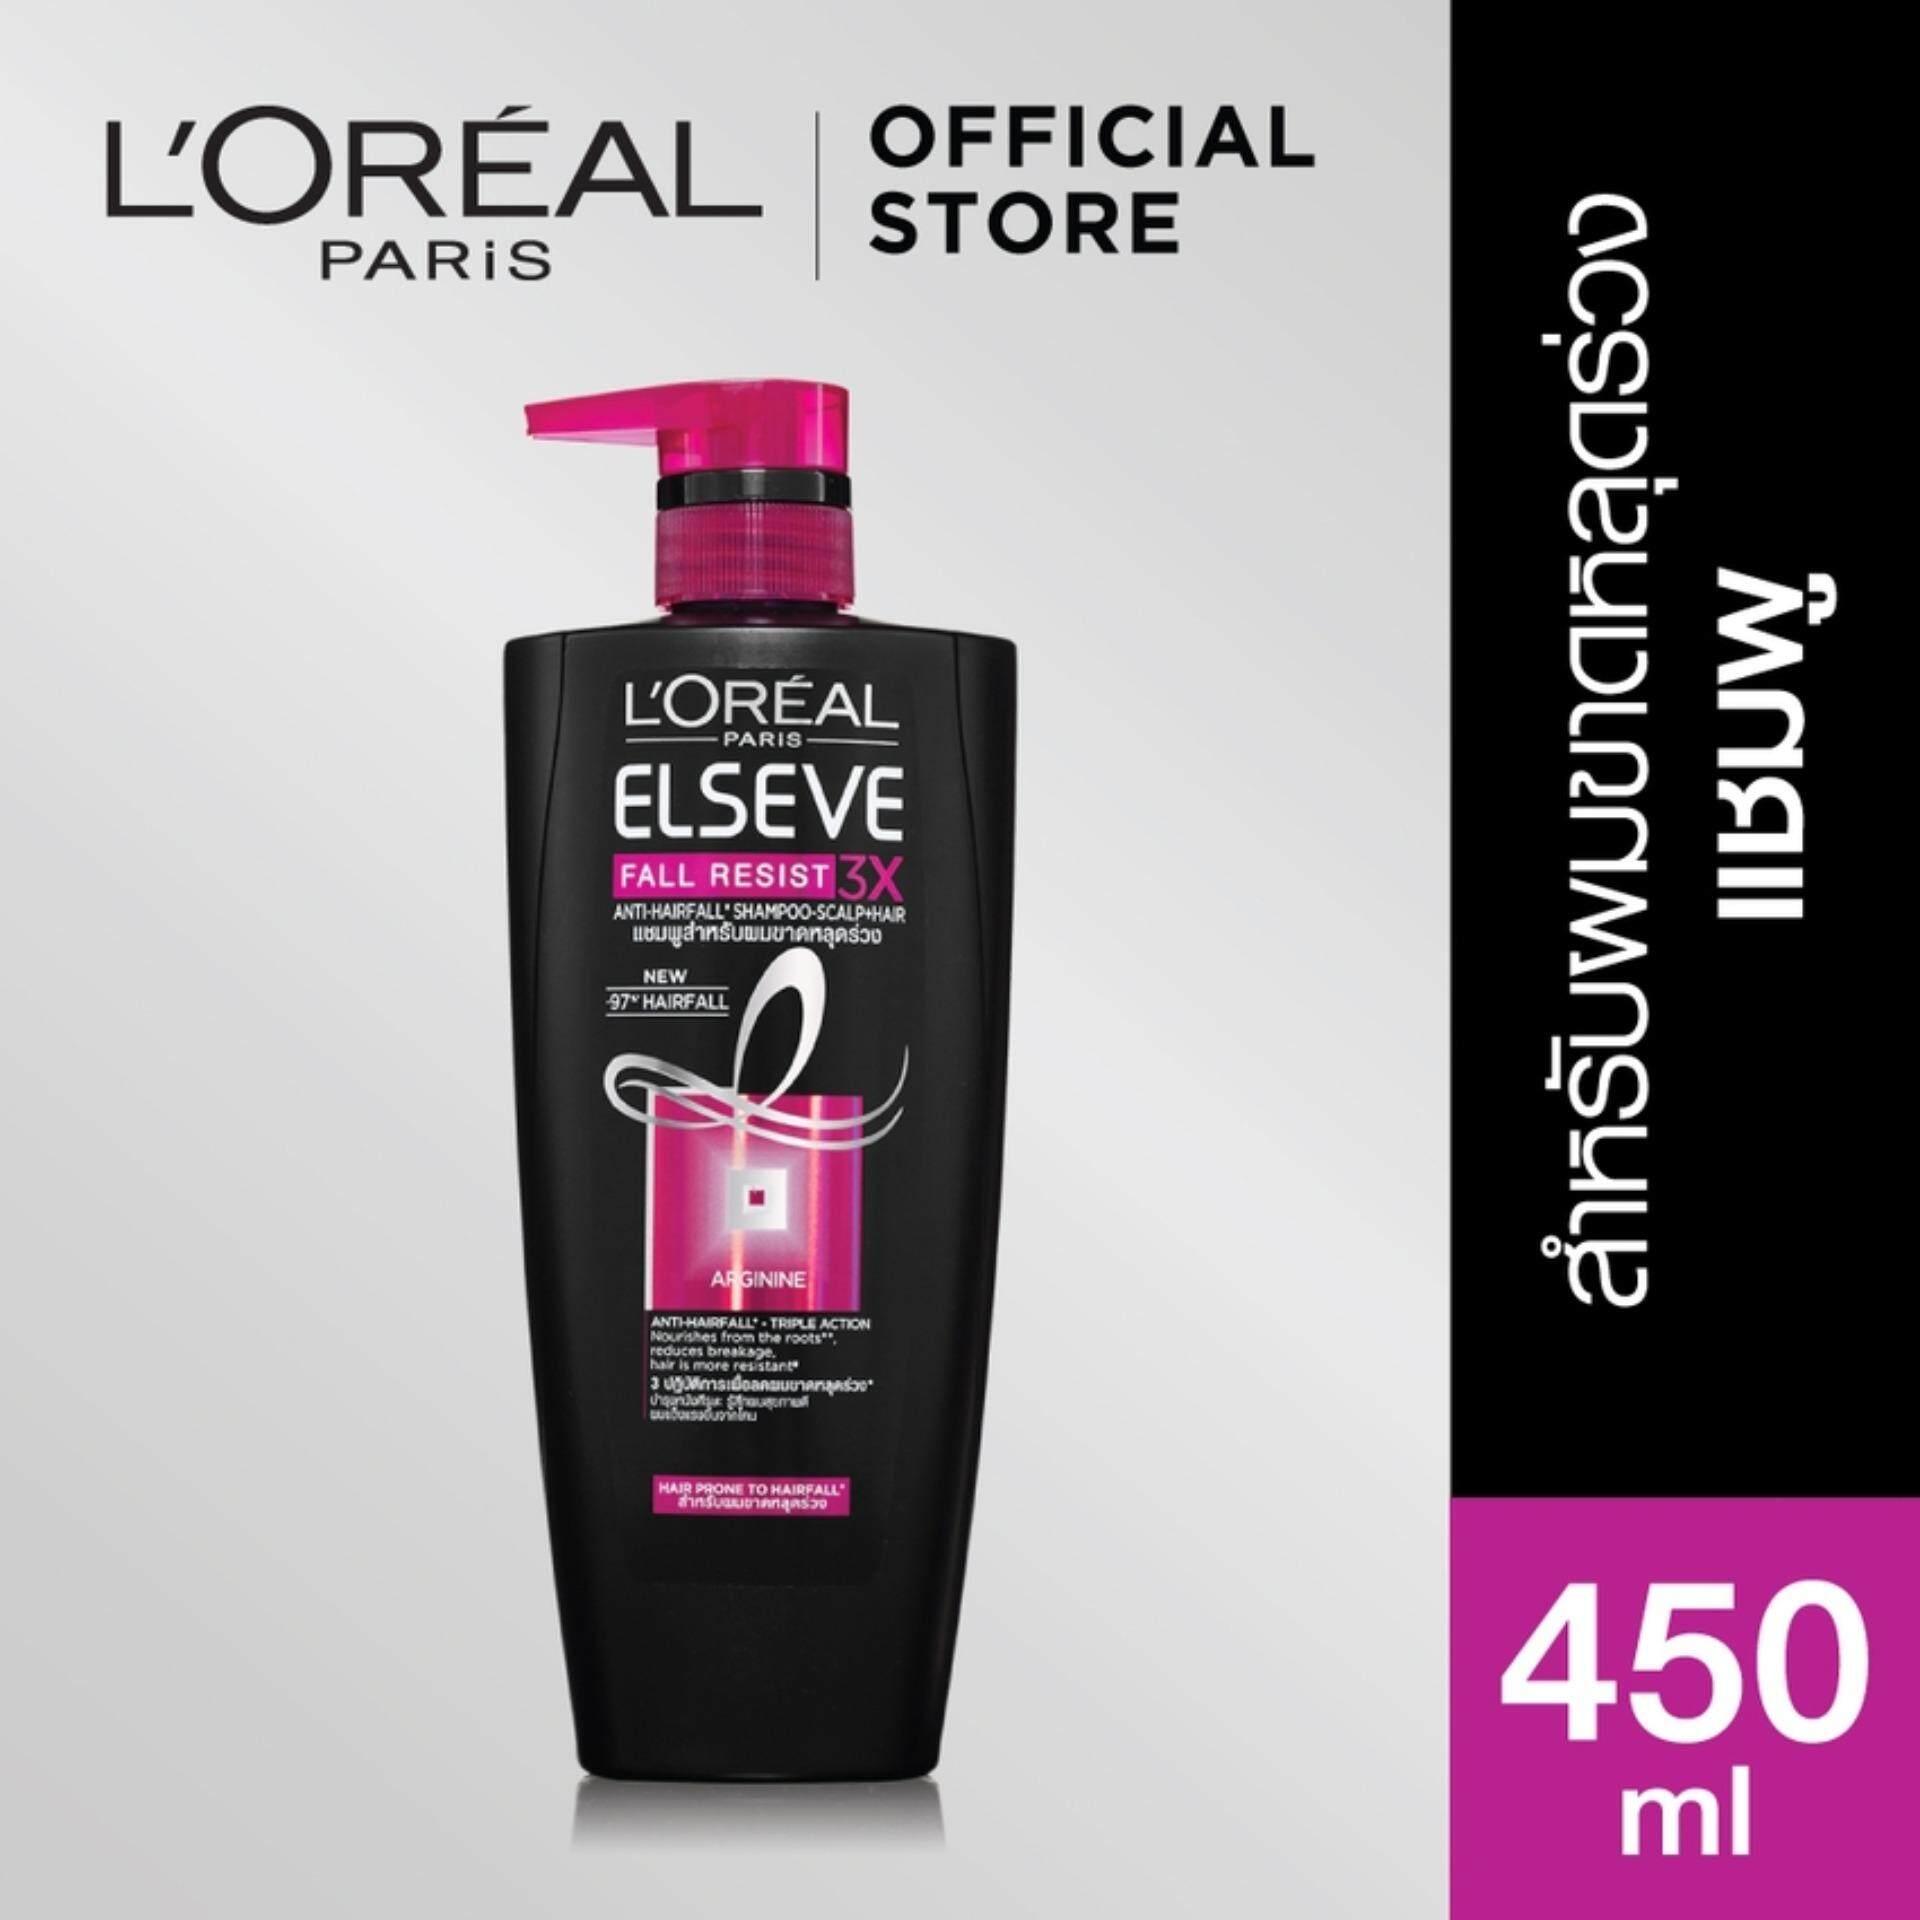 ลอรีอัล ปารีส รีซิสท์ 3x แอนไท-แฮร์ฟอล แชมพู สคาลพ์+แฮร์ แชมพู สูตรลดปัญหาผมขาดหลุดร่วง 450 มล. Loreal Paris Elseve Fall Resist 3x Anti-Hairfall*shampoo-Scalp+hair 450 Ml (แชมพู, ครีมนวดผม, สระผม, บำรุงผม) By L'oreal Paris(thailand).